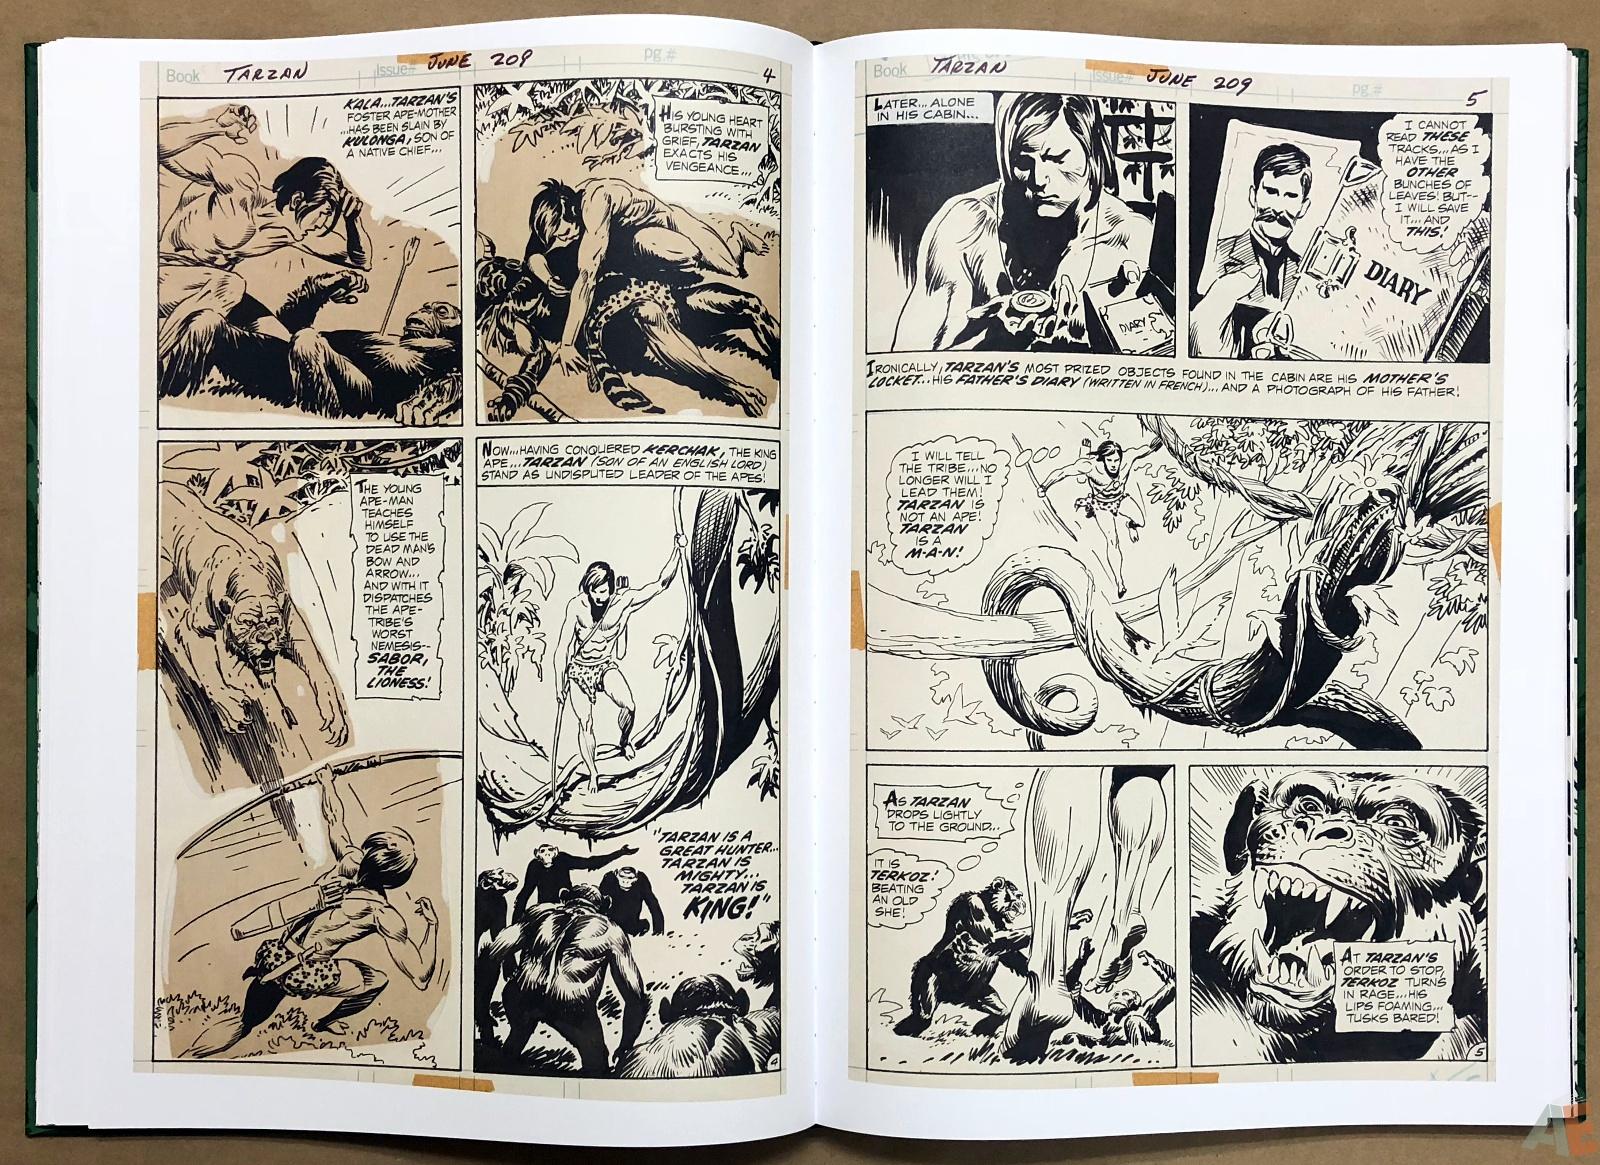 Joe Kubert's Tarzan of the Apes Artist's Edition 26